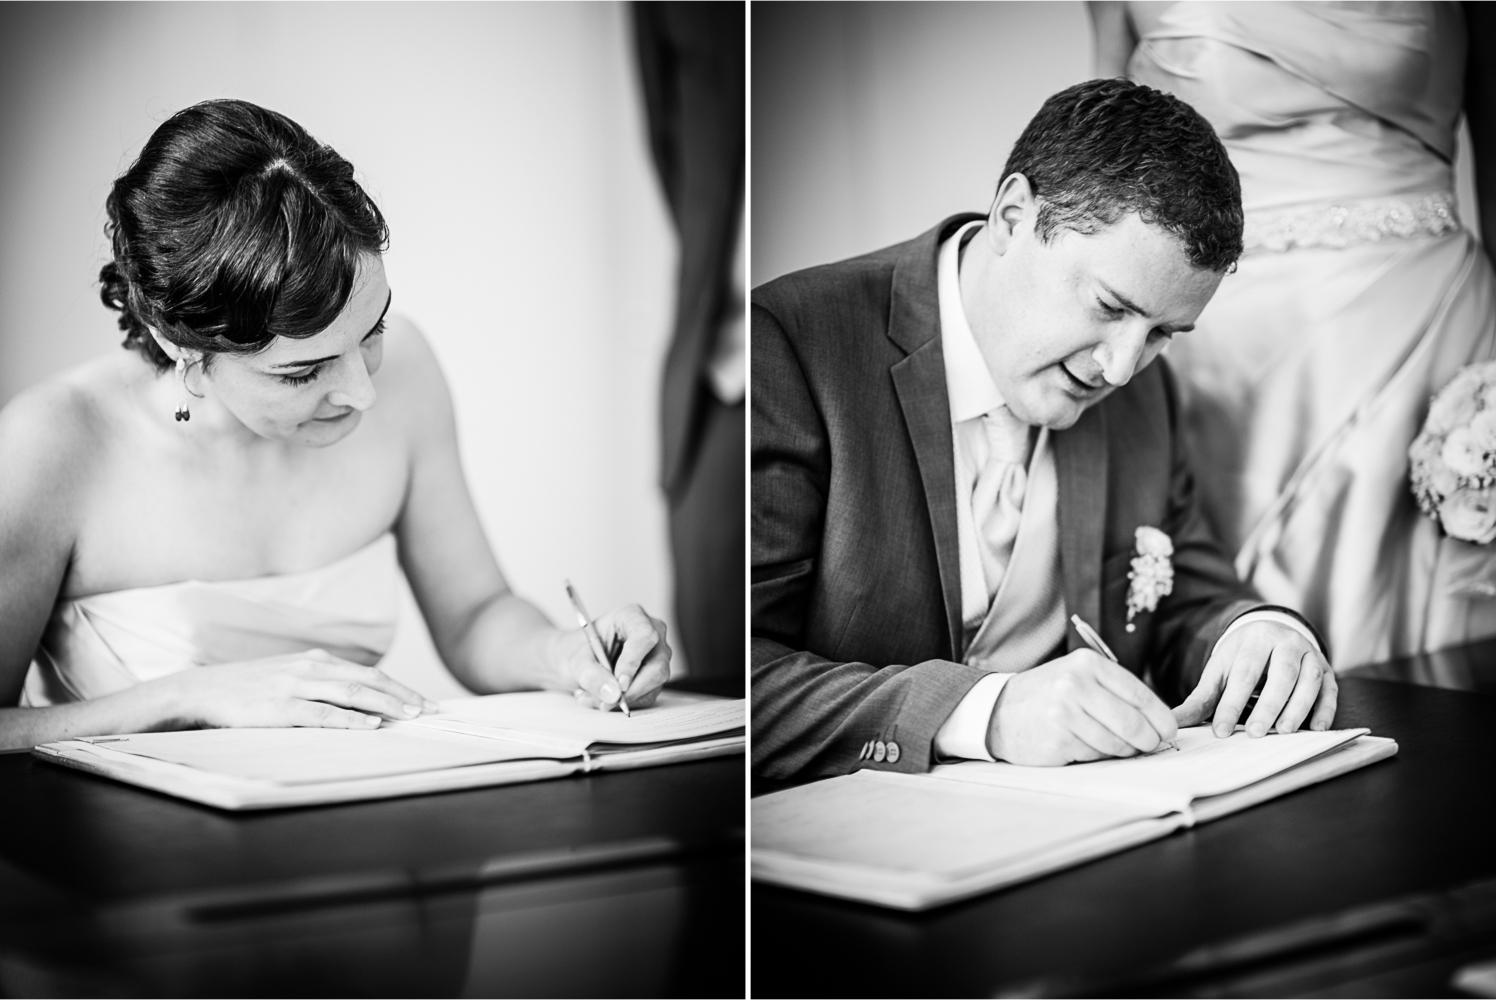 Hochzeit Stephanie und Mathieu in Wesenberg / Neustrelitz © Jeanette Krüger / JK Photographs